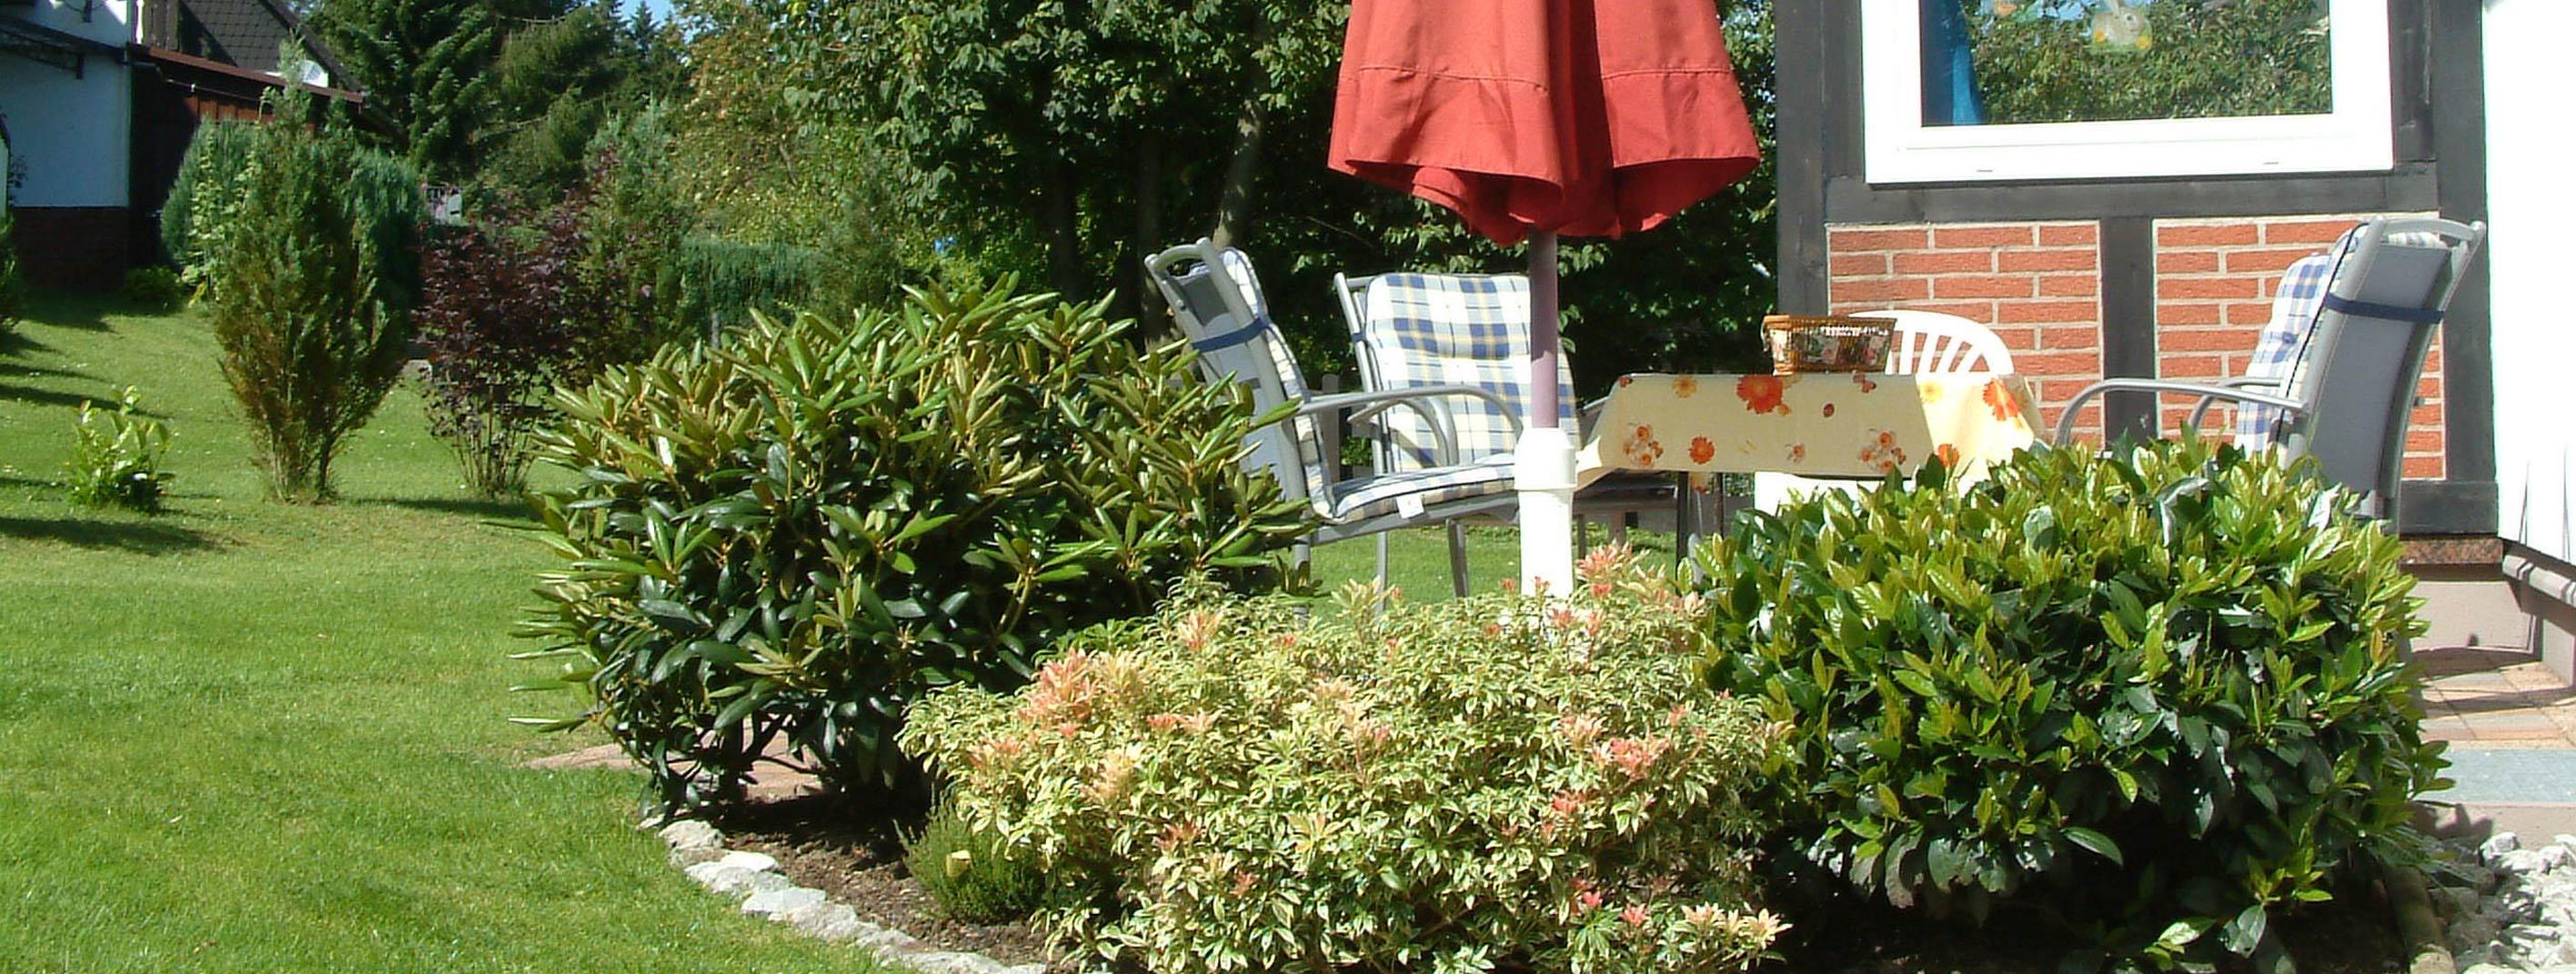 Foto Terrasse im Garten Wohnung Cornelia